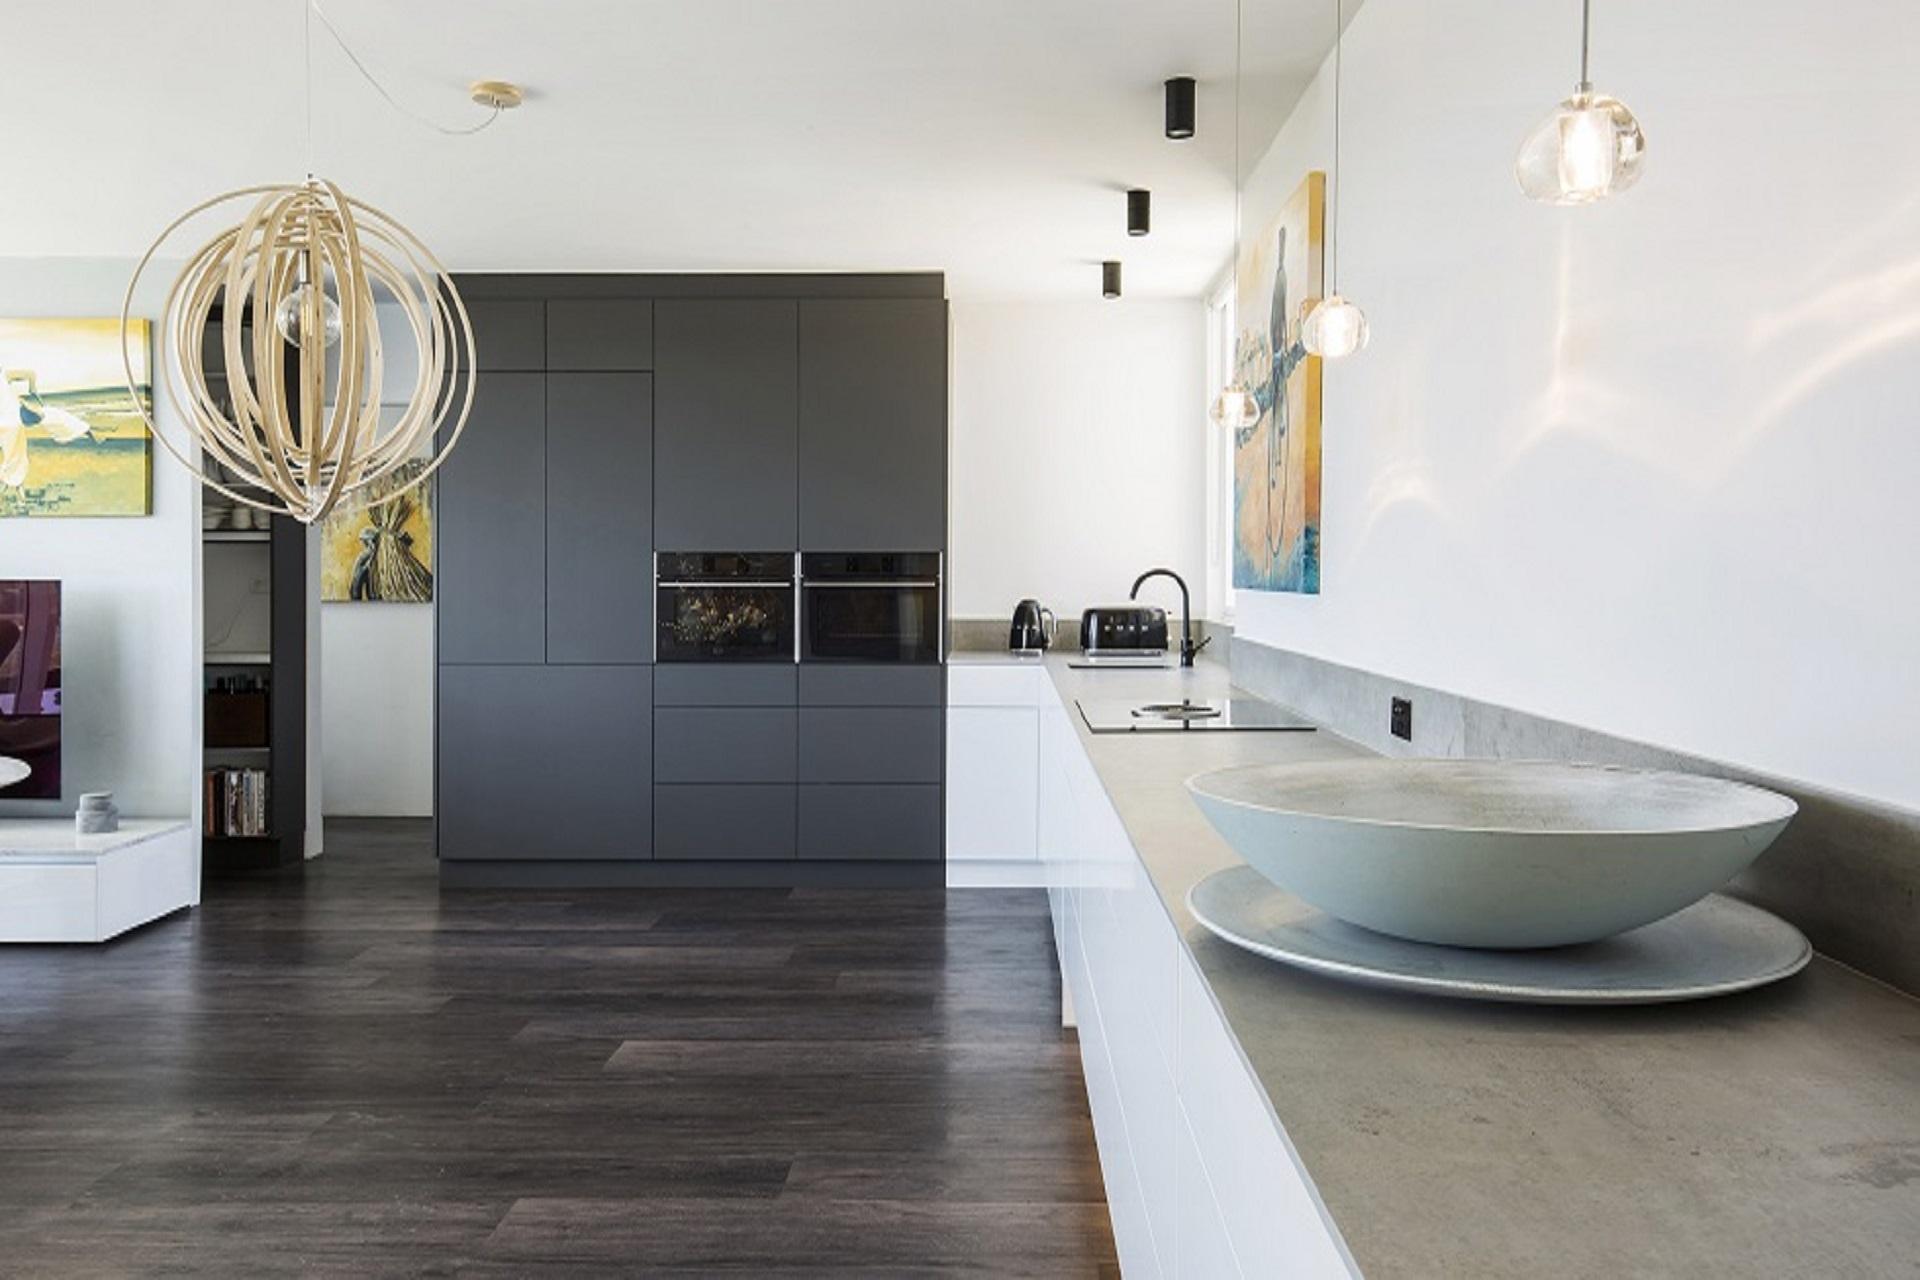 New kitchen design Manly.jpg